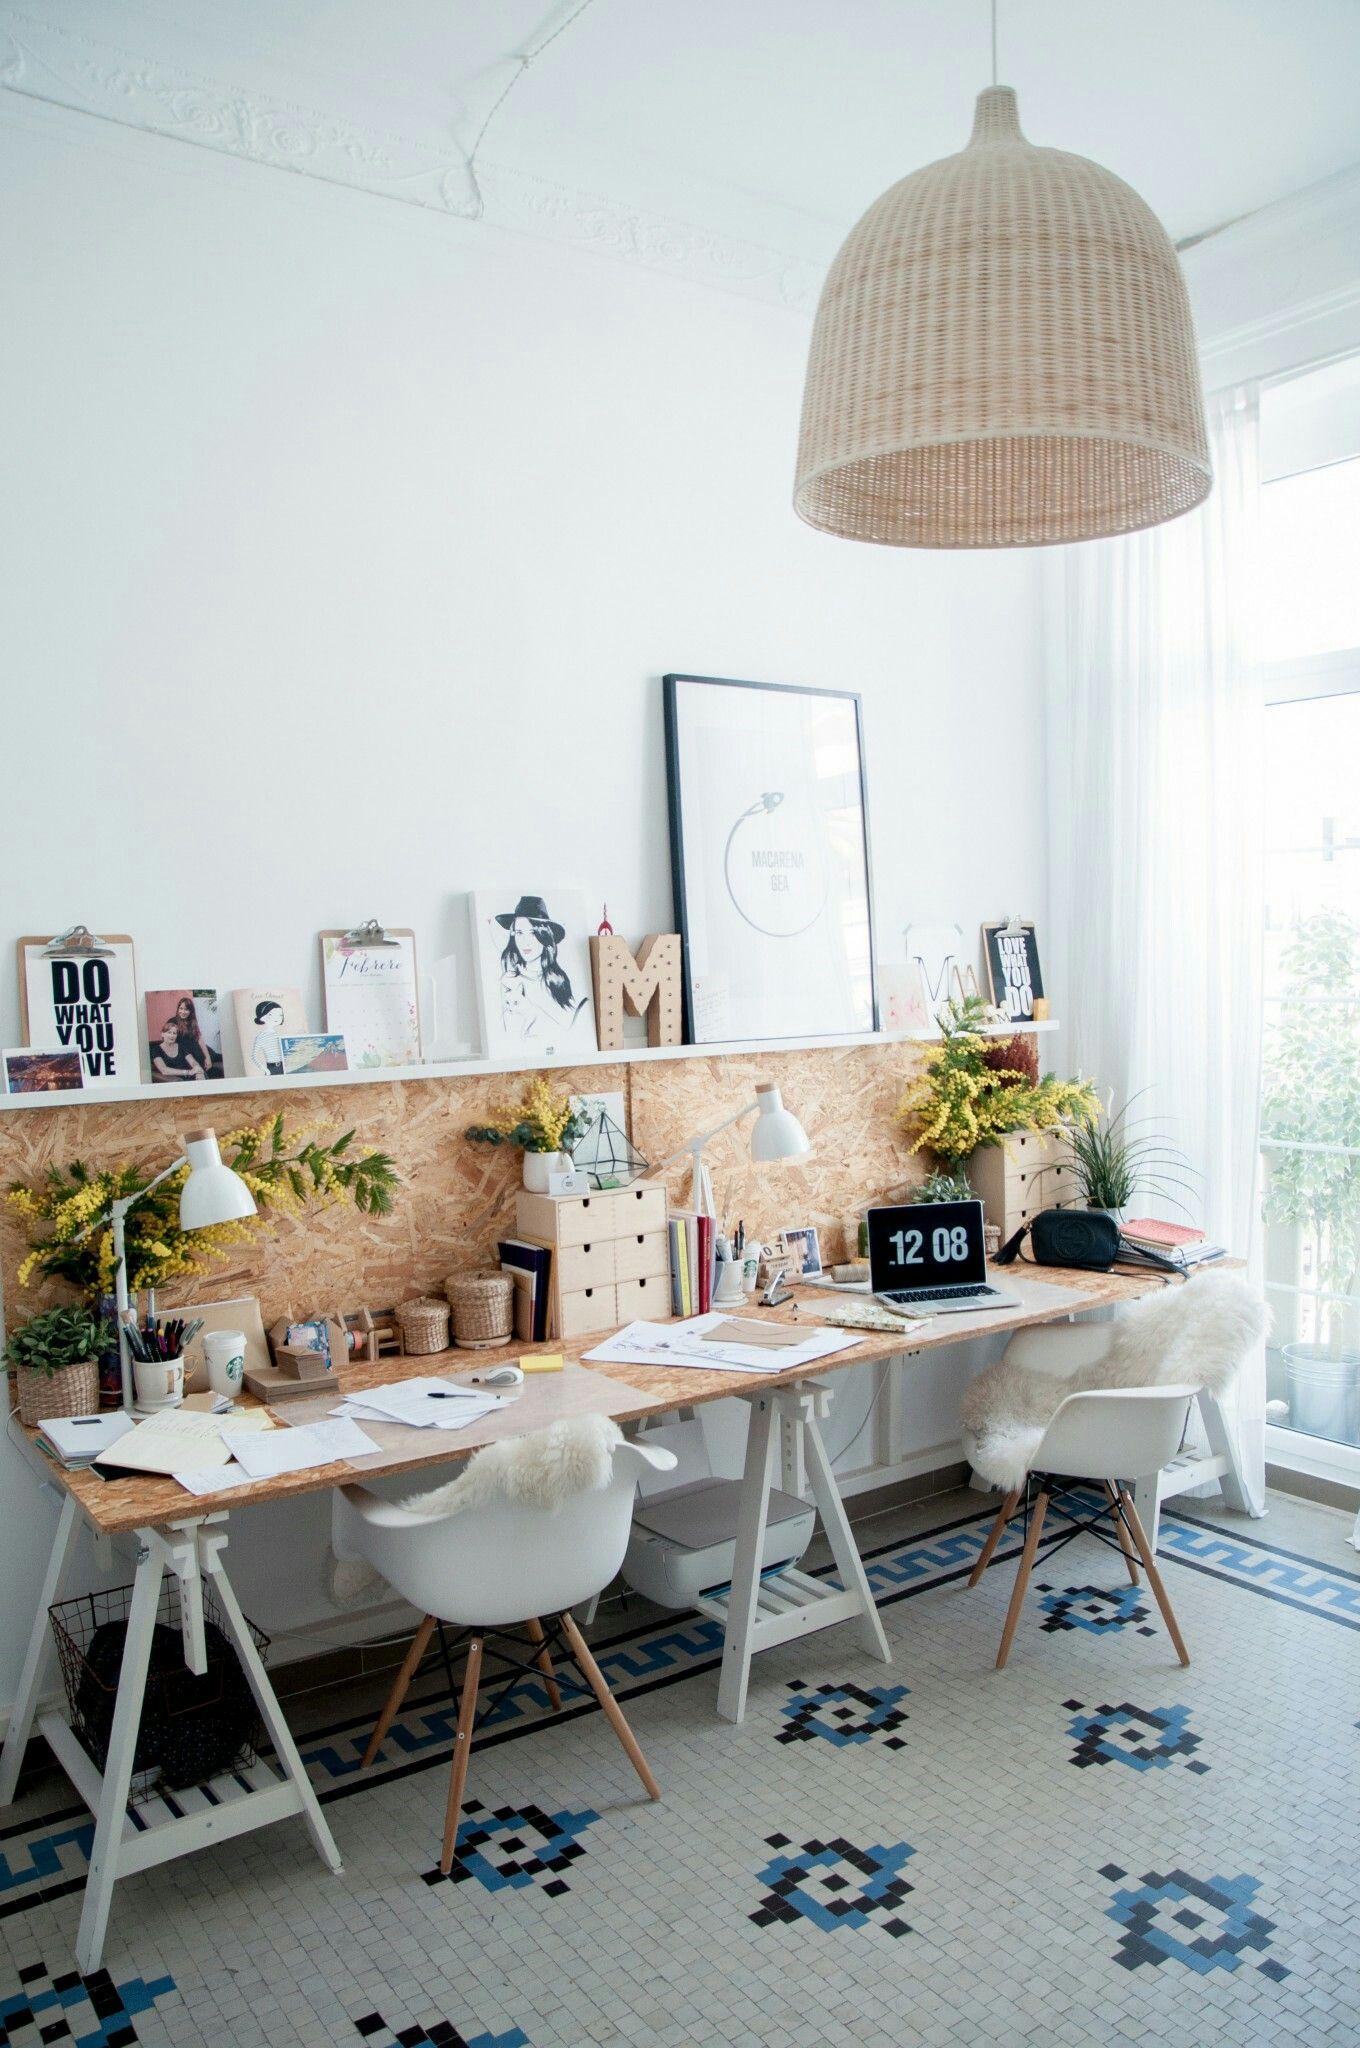 Yaratıcı Ev Çalışma Mobilyaları İle Dekorasyon 2019